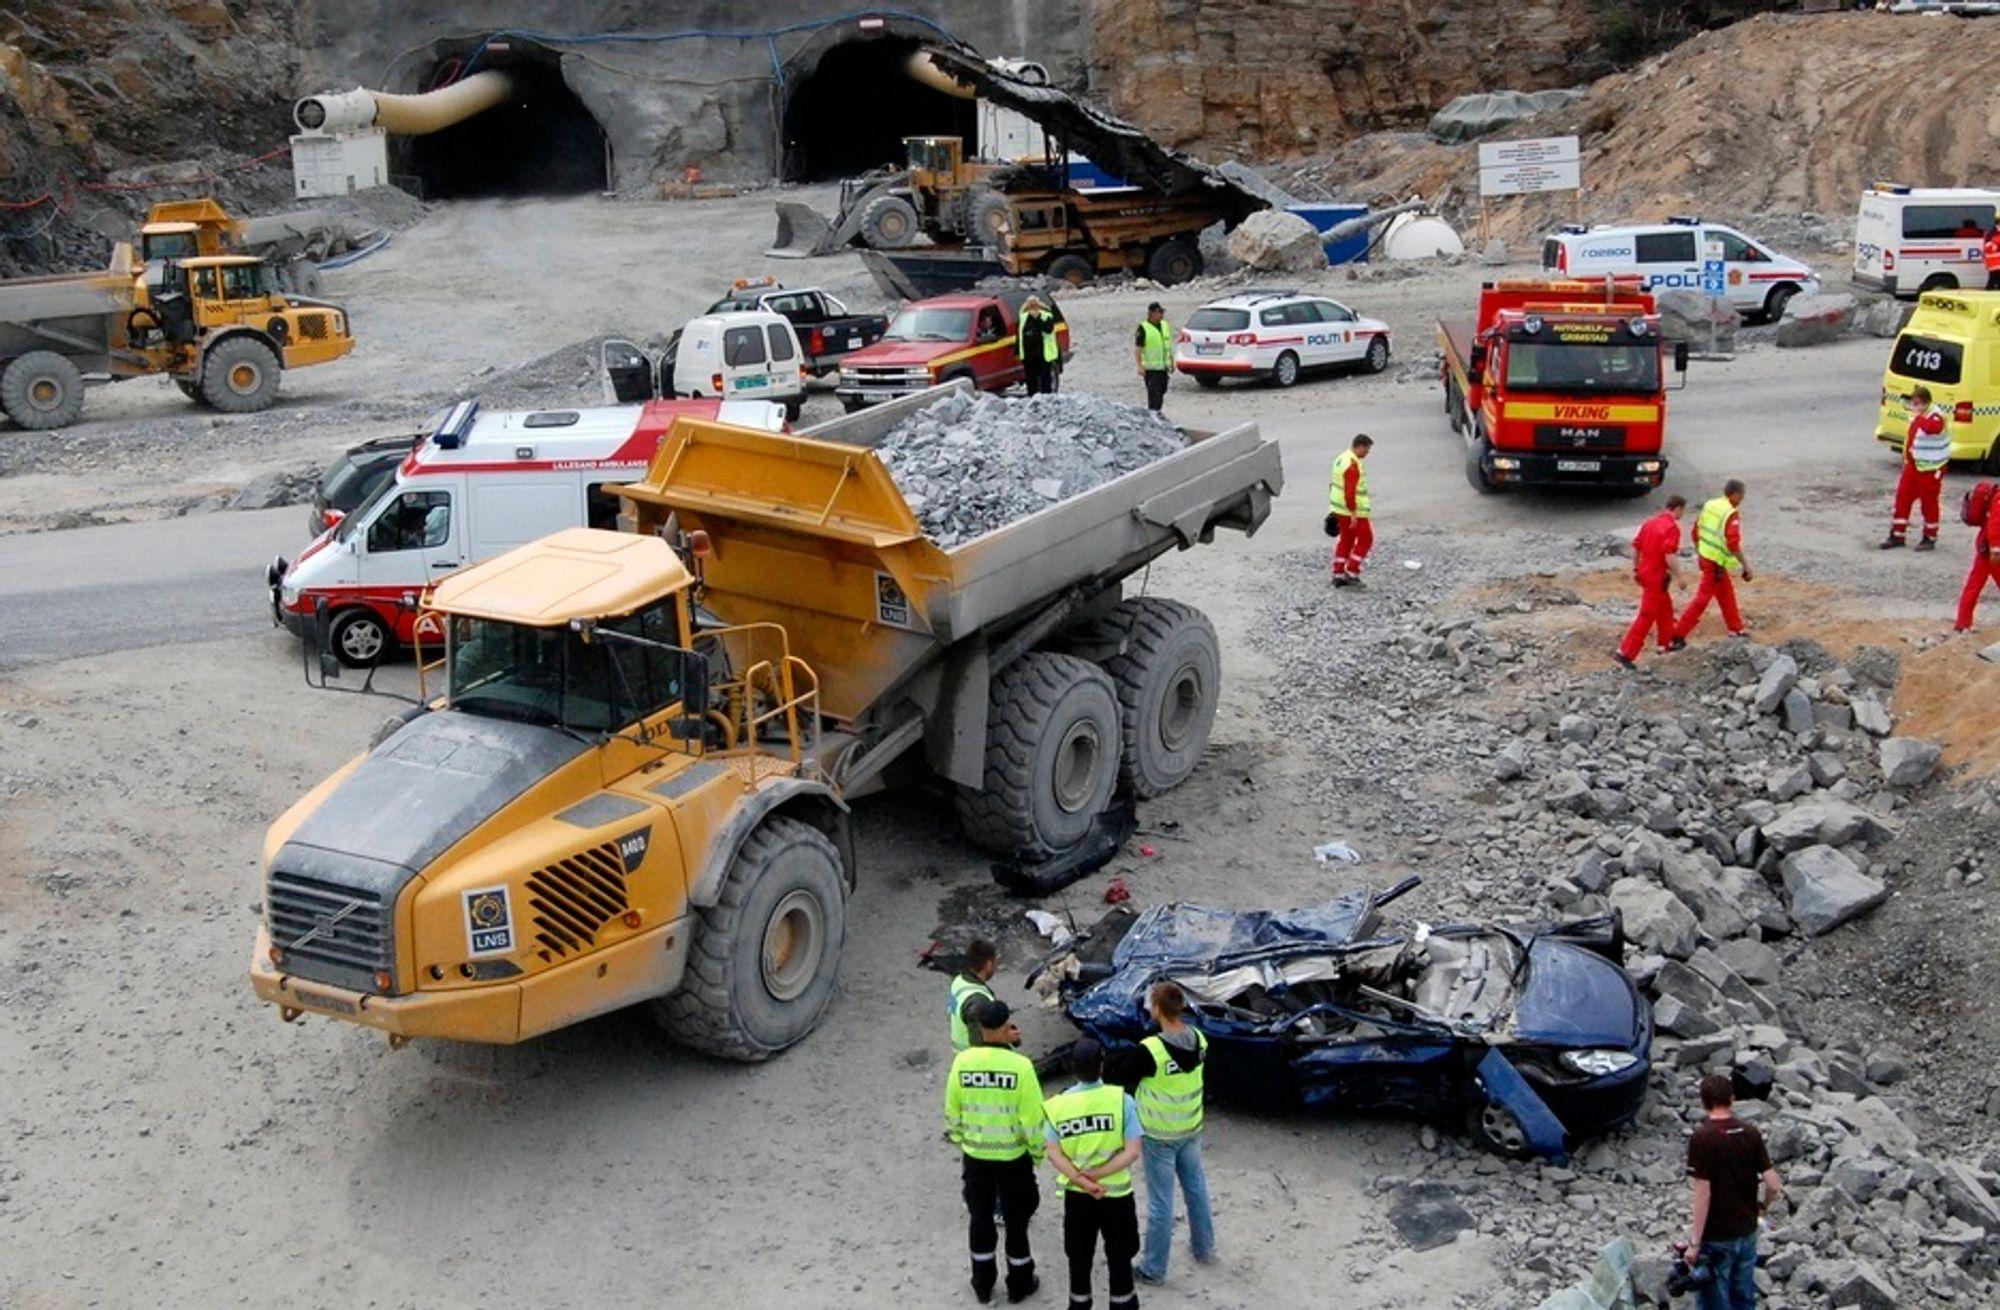 En bilfører ble drept av en dumper i forbindelse med ulykken på riksvei 402 i Lillesand i 2008.